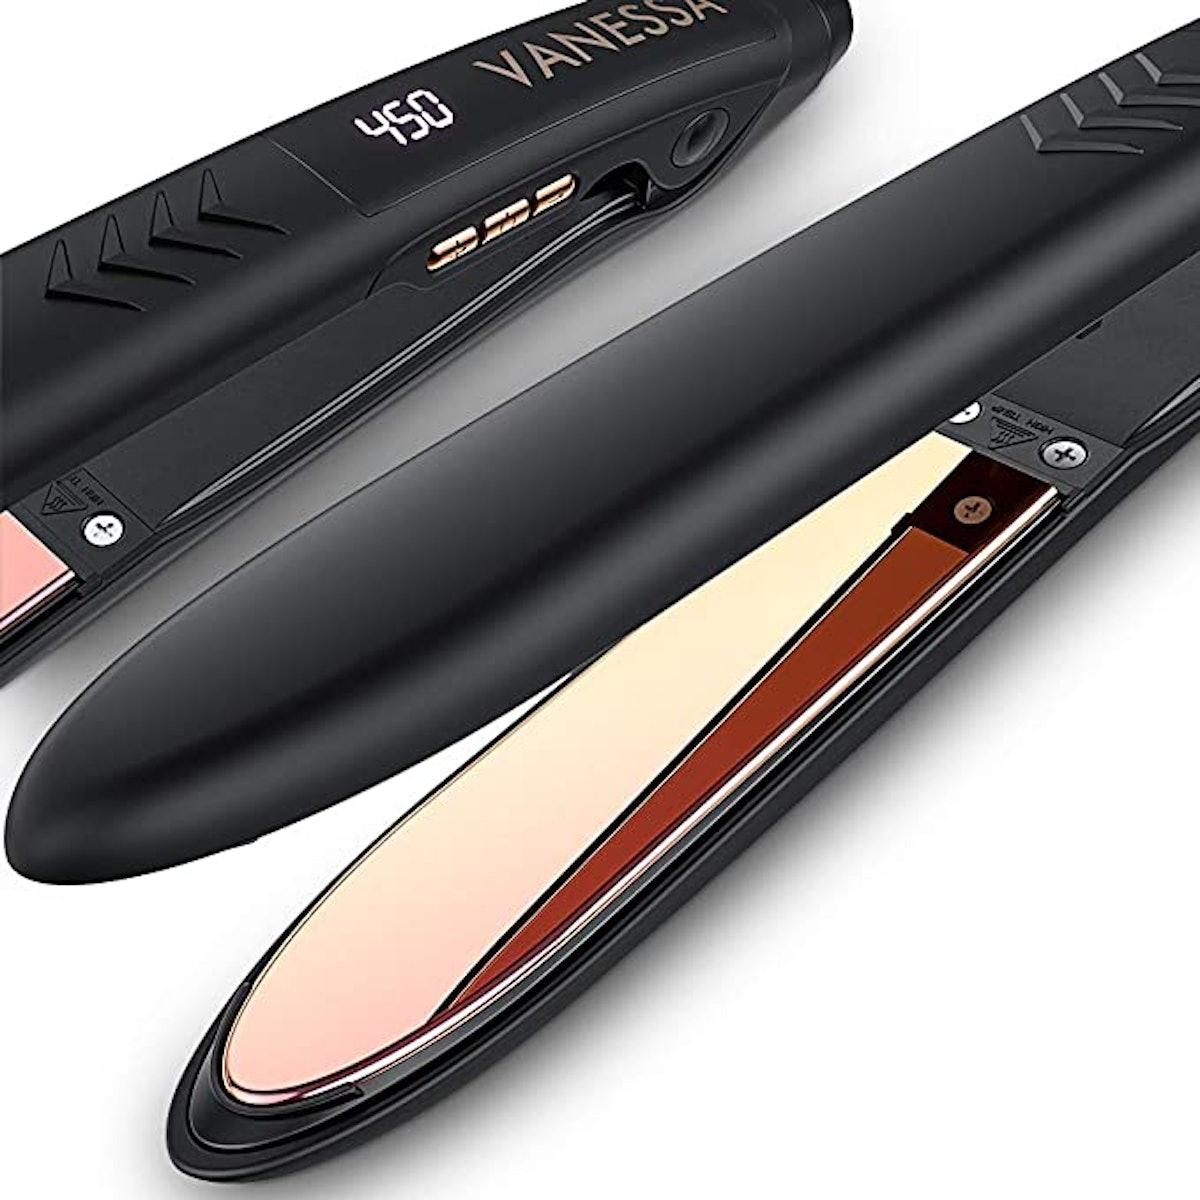 VANESSA Flat Iron Hair Straightener and Curler